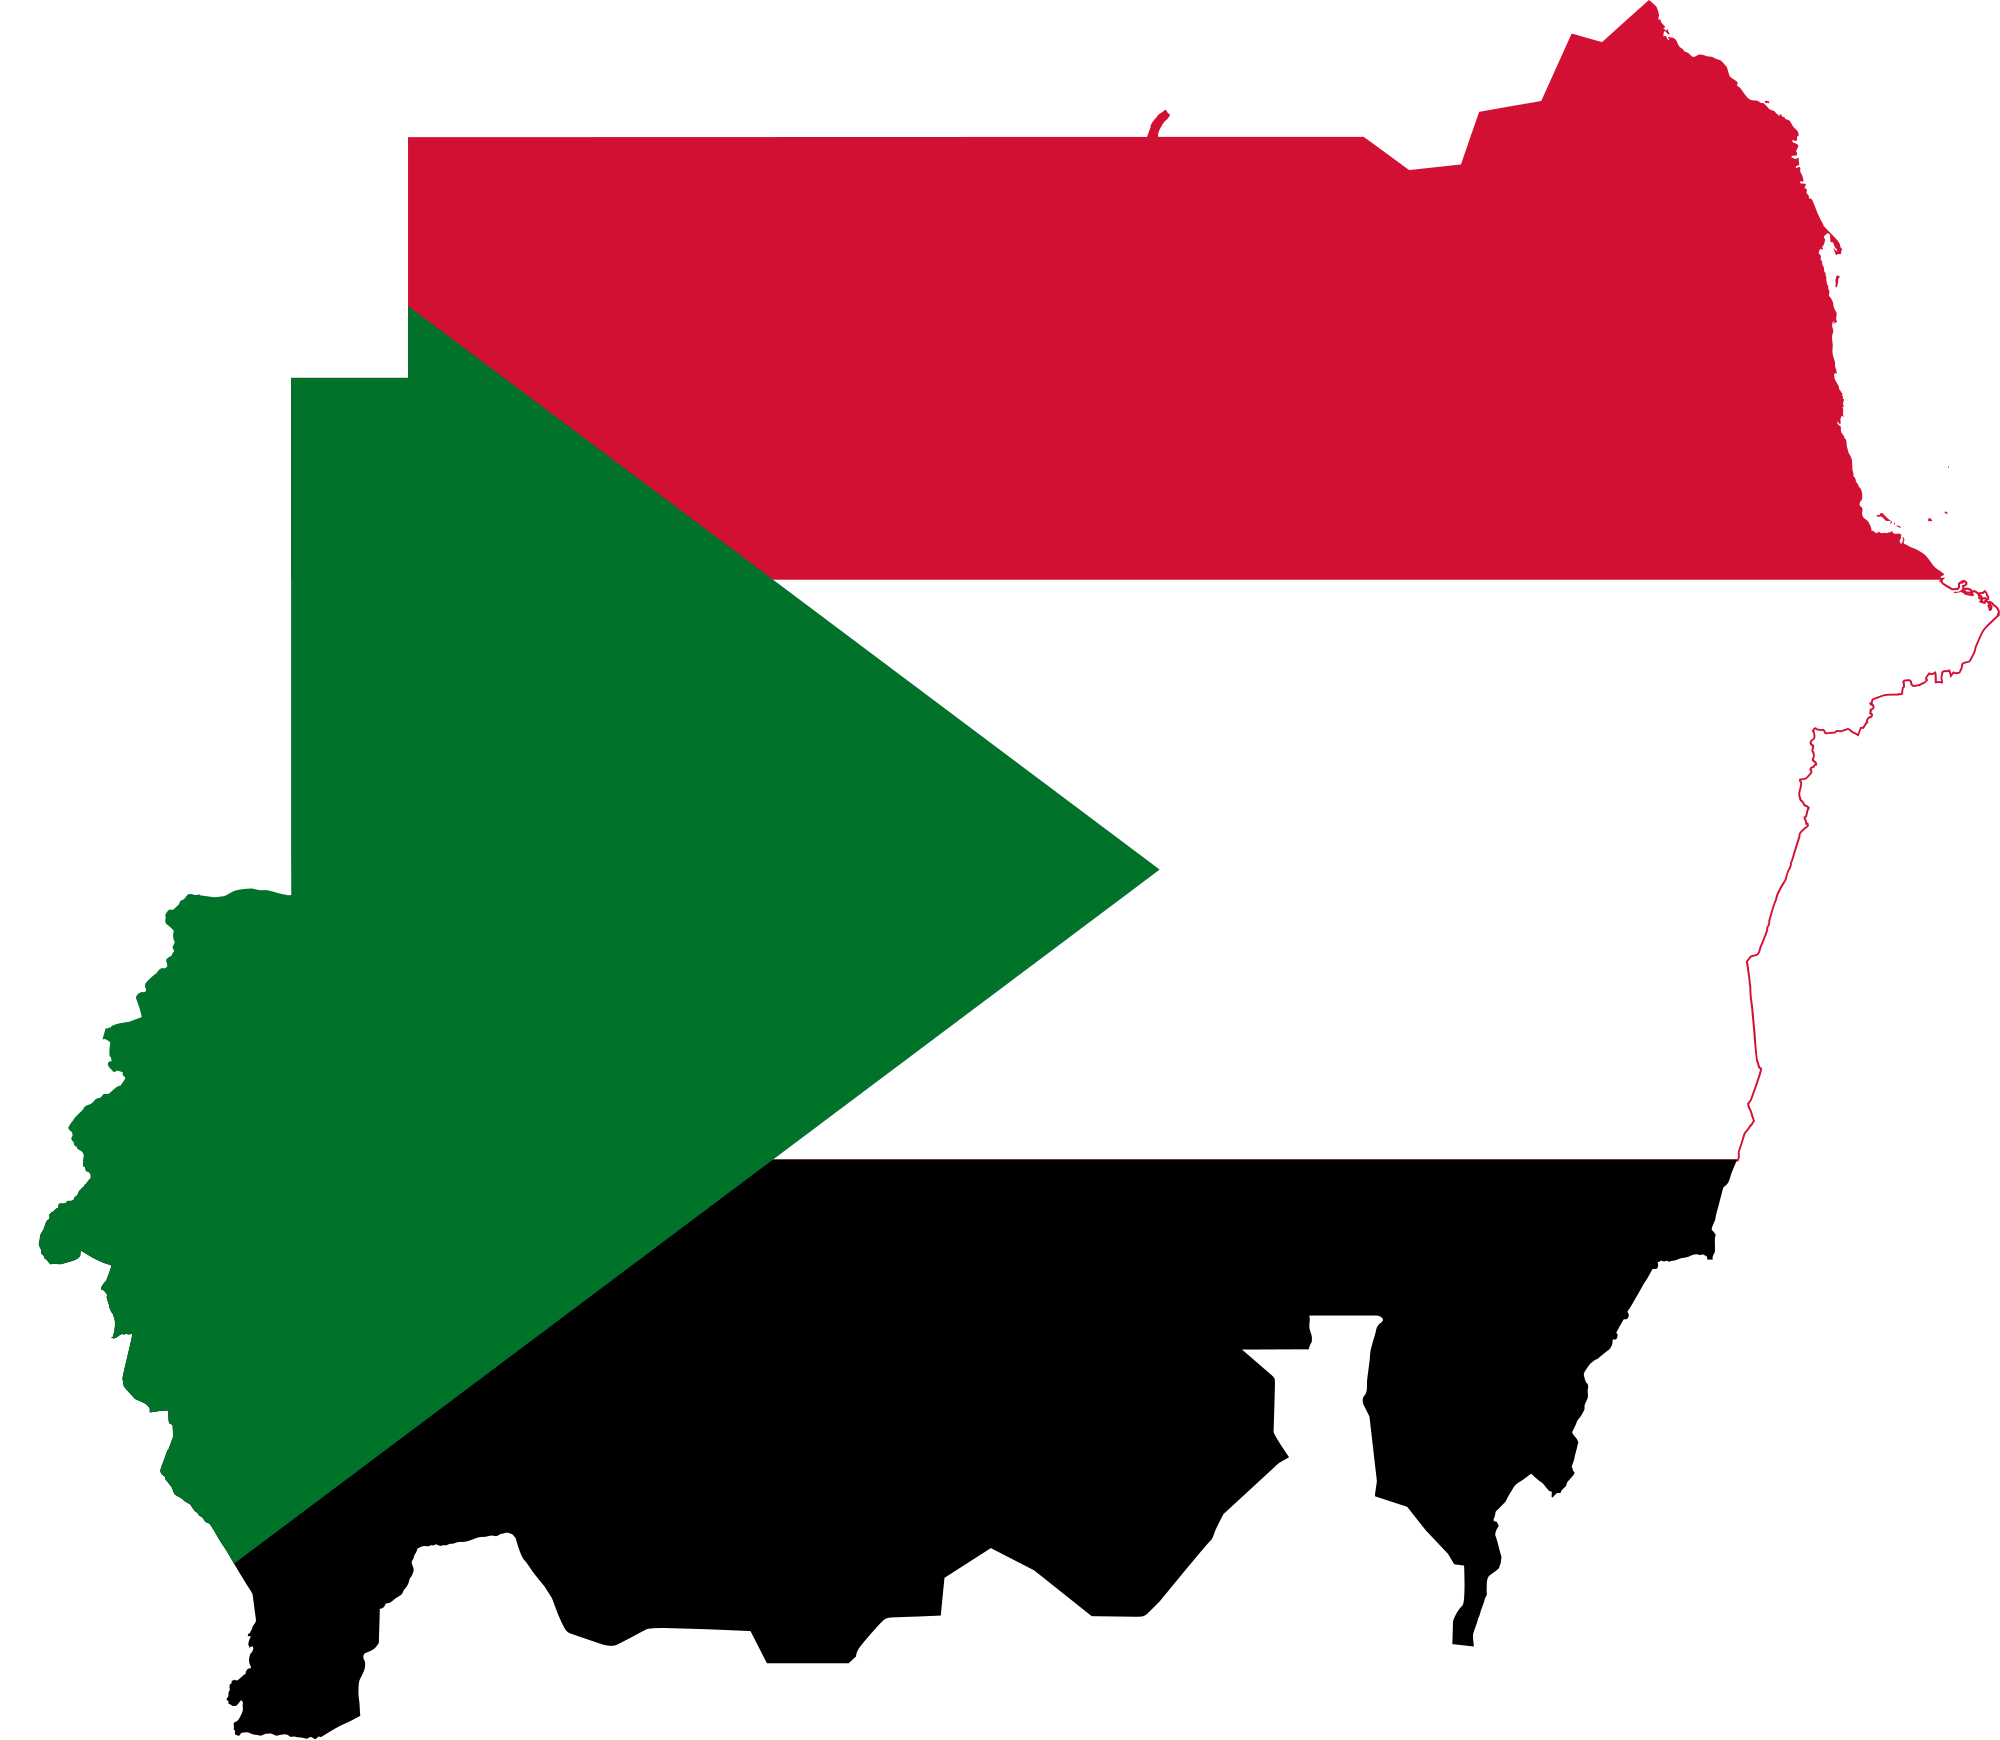 ... صور علم السودان (1)